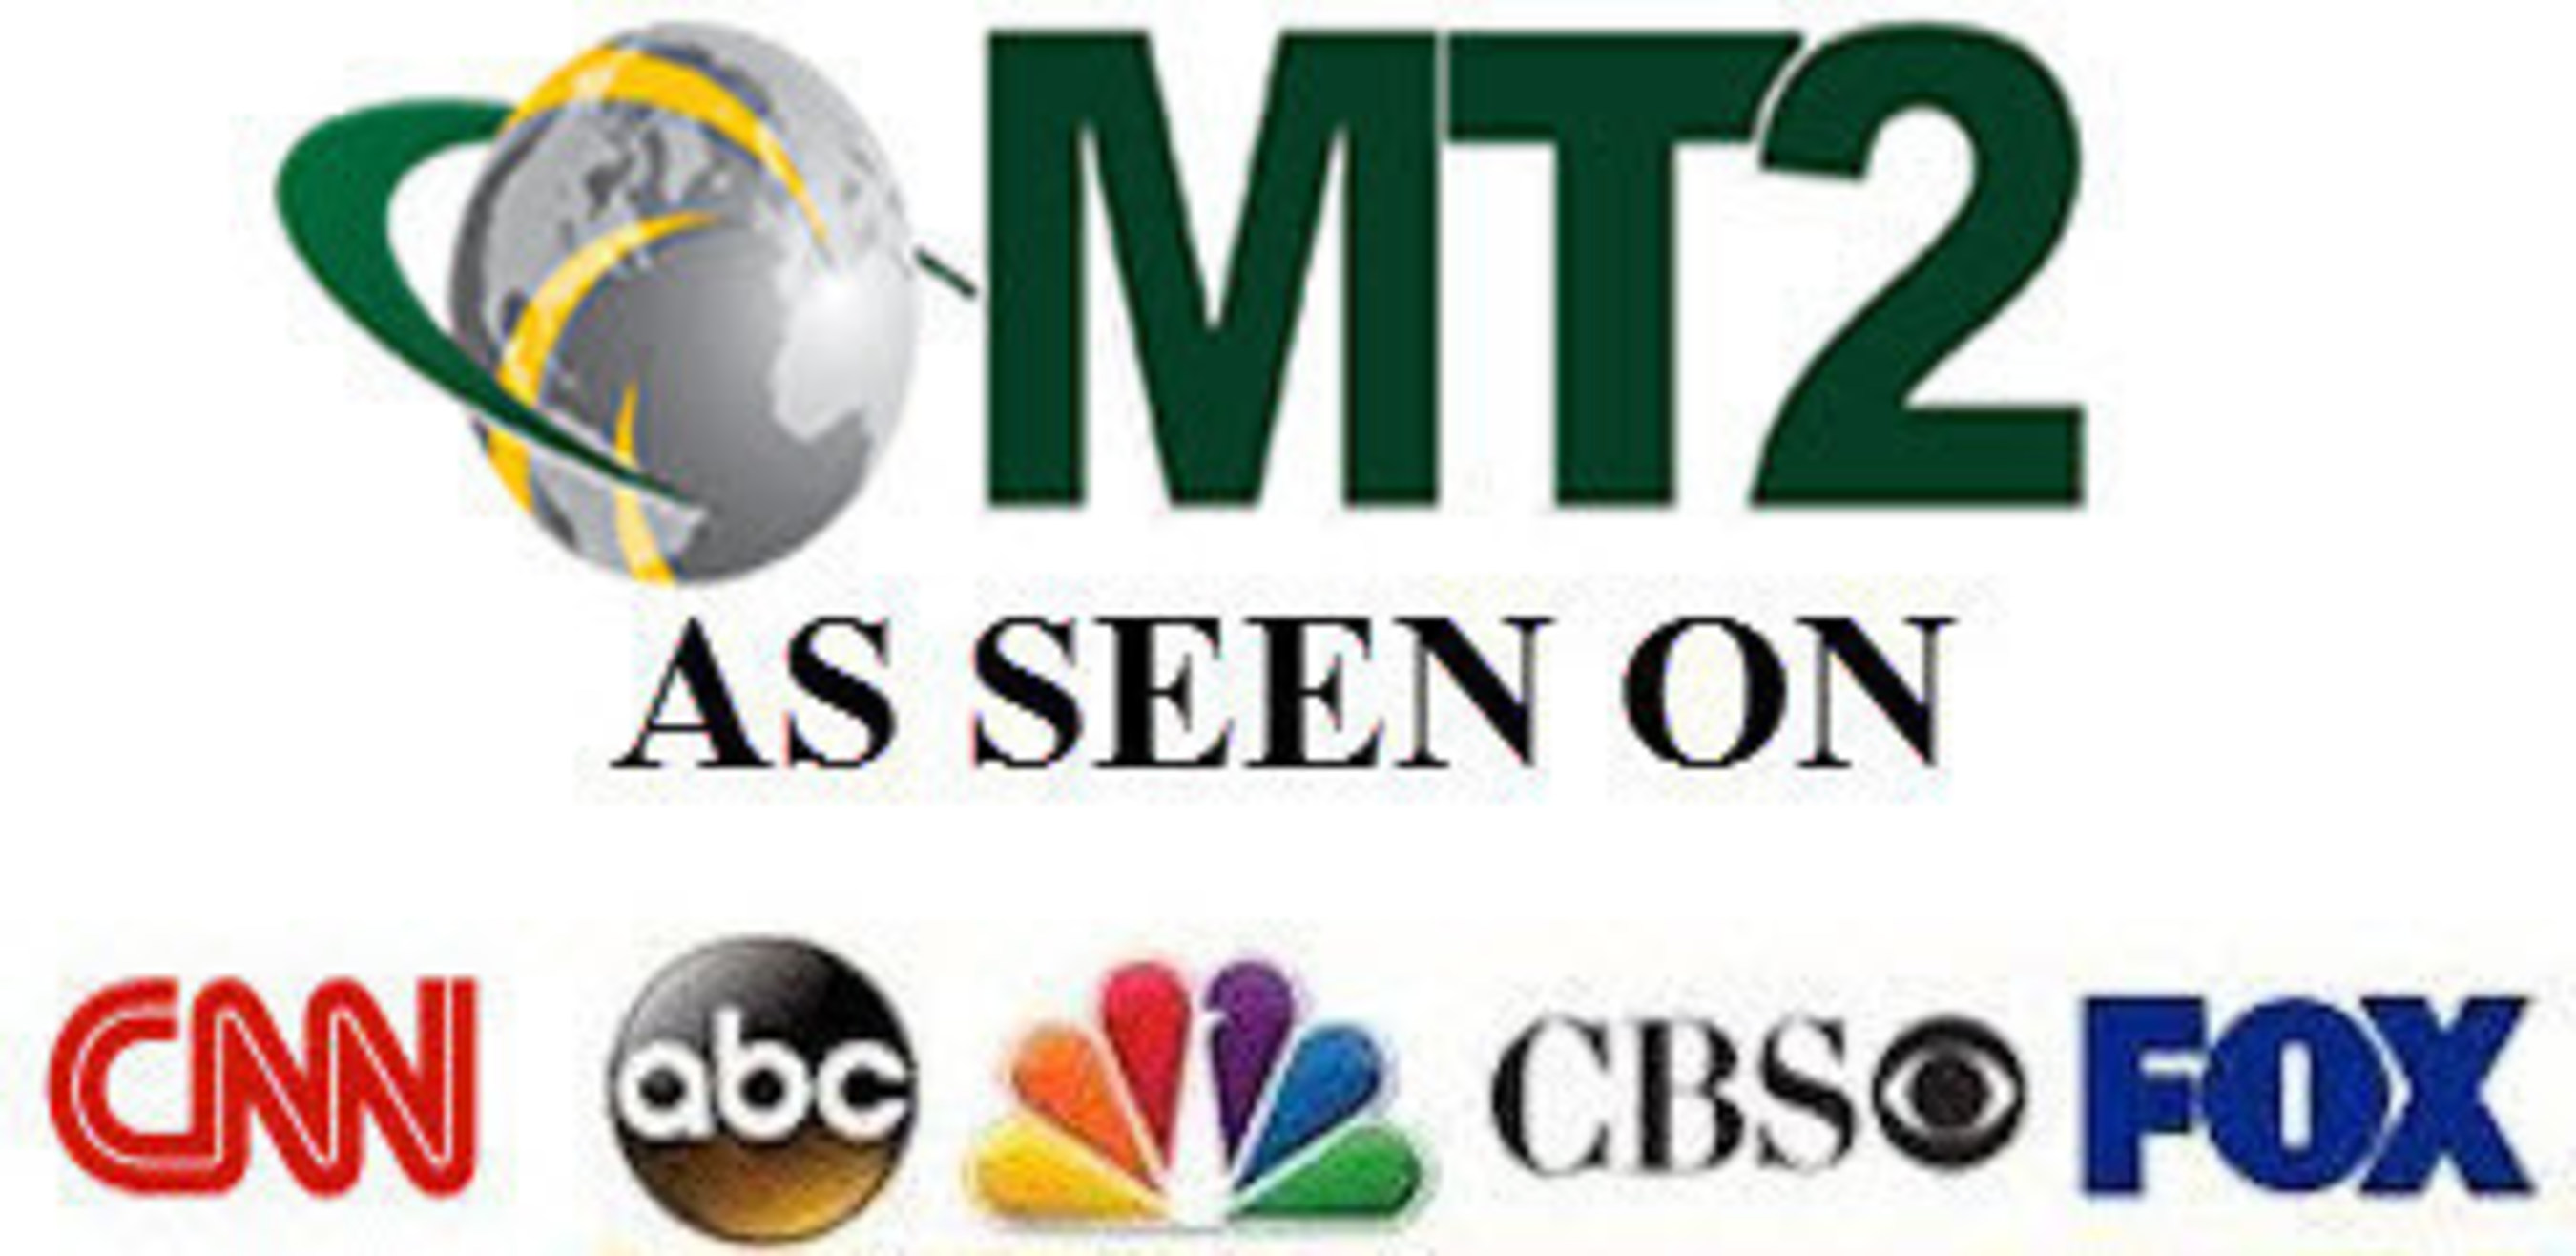 James Barthel President of MT2 Calls for Firing Range Lead